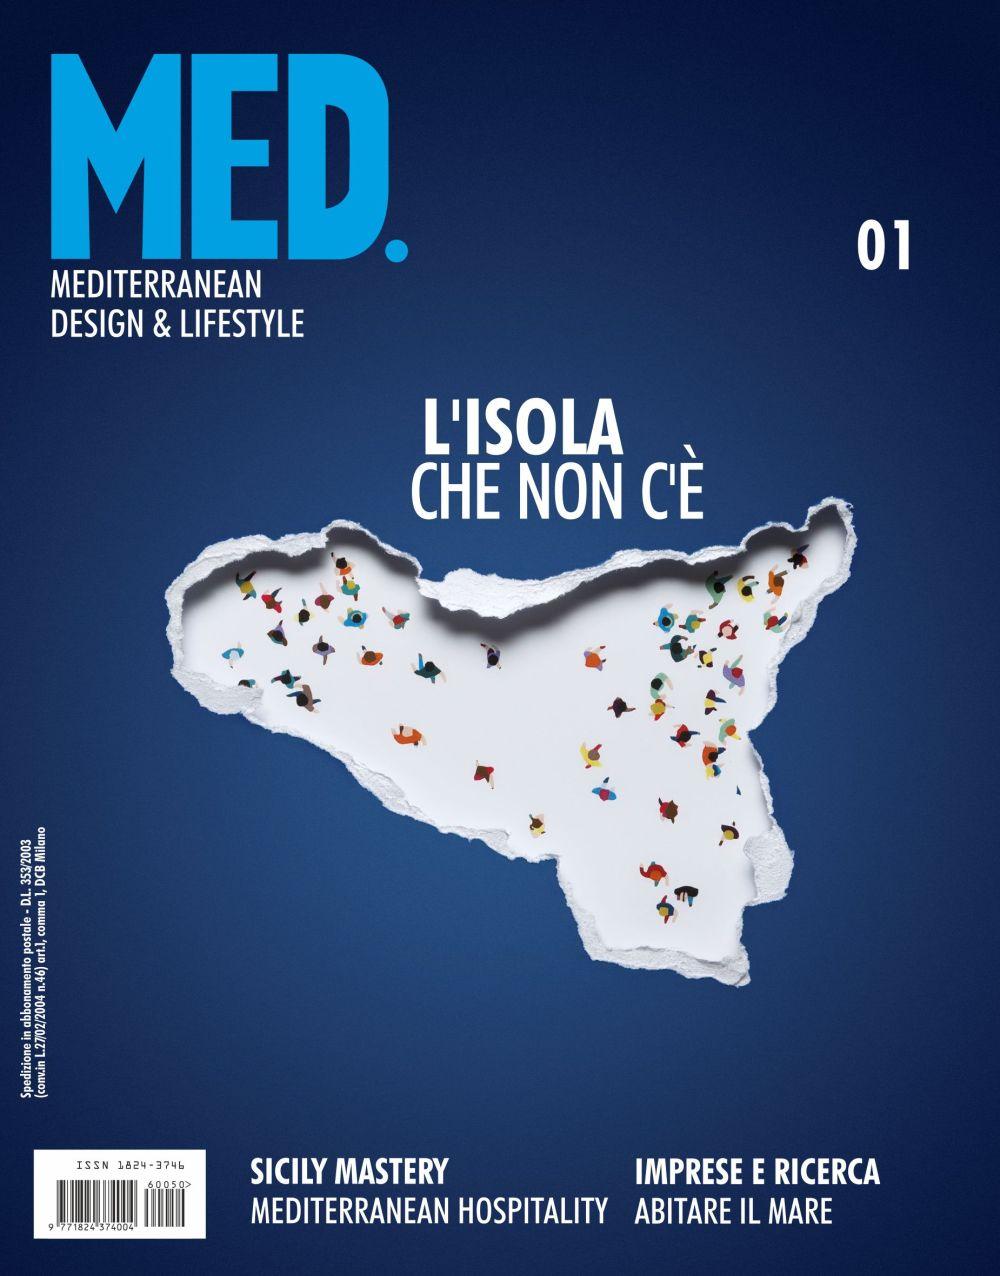 cover-med-per-sito